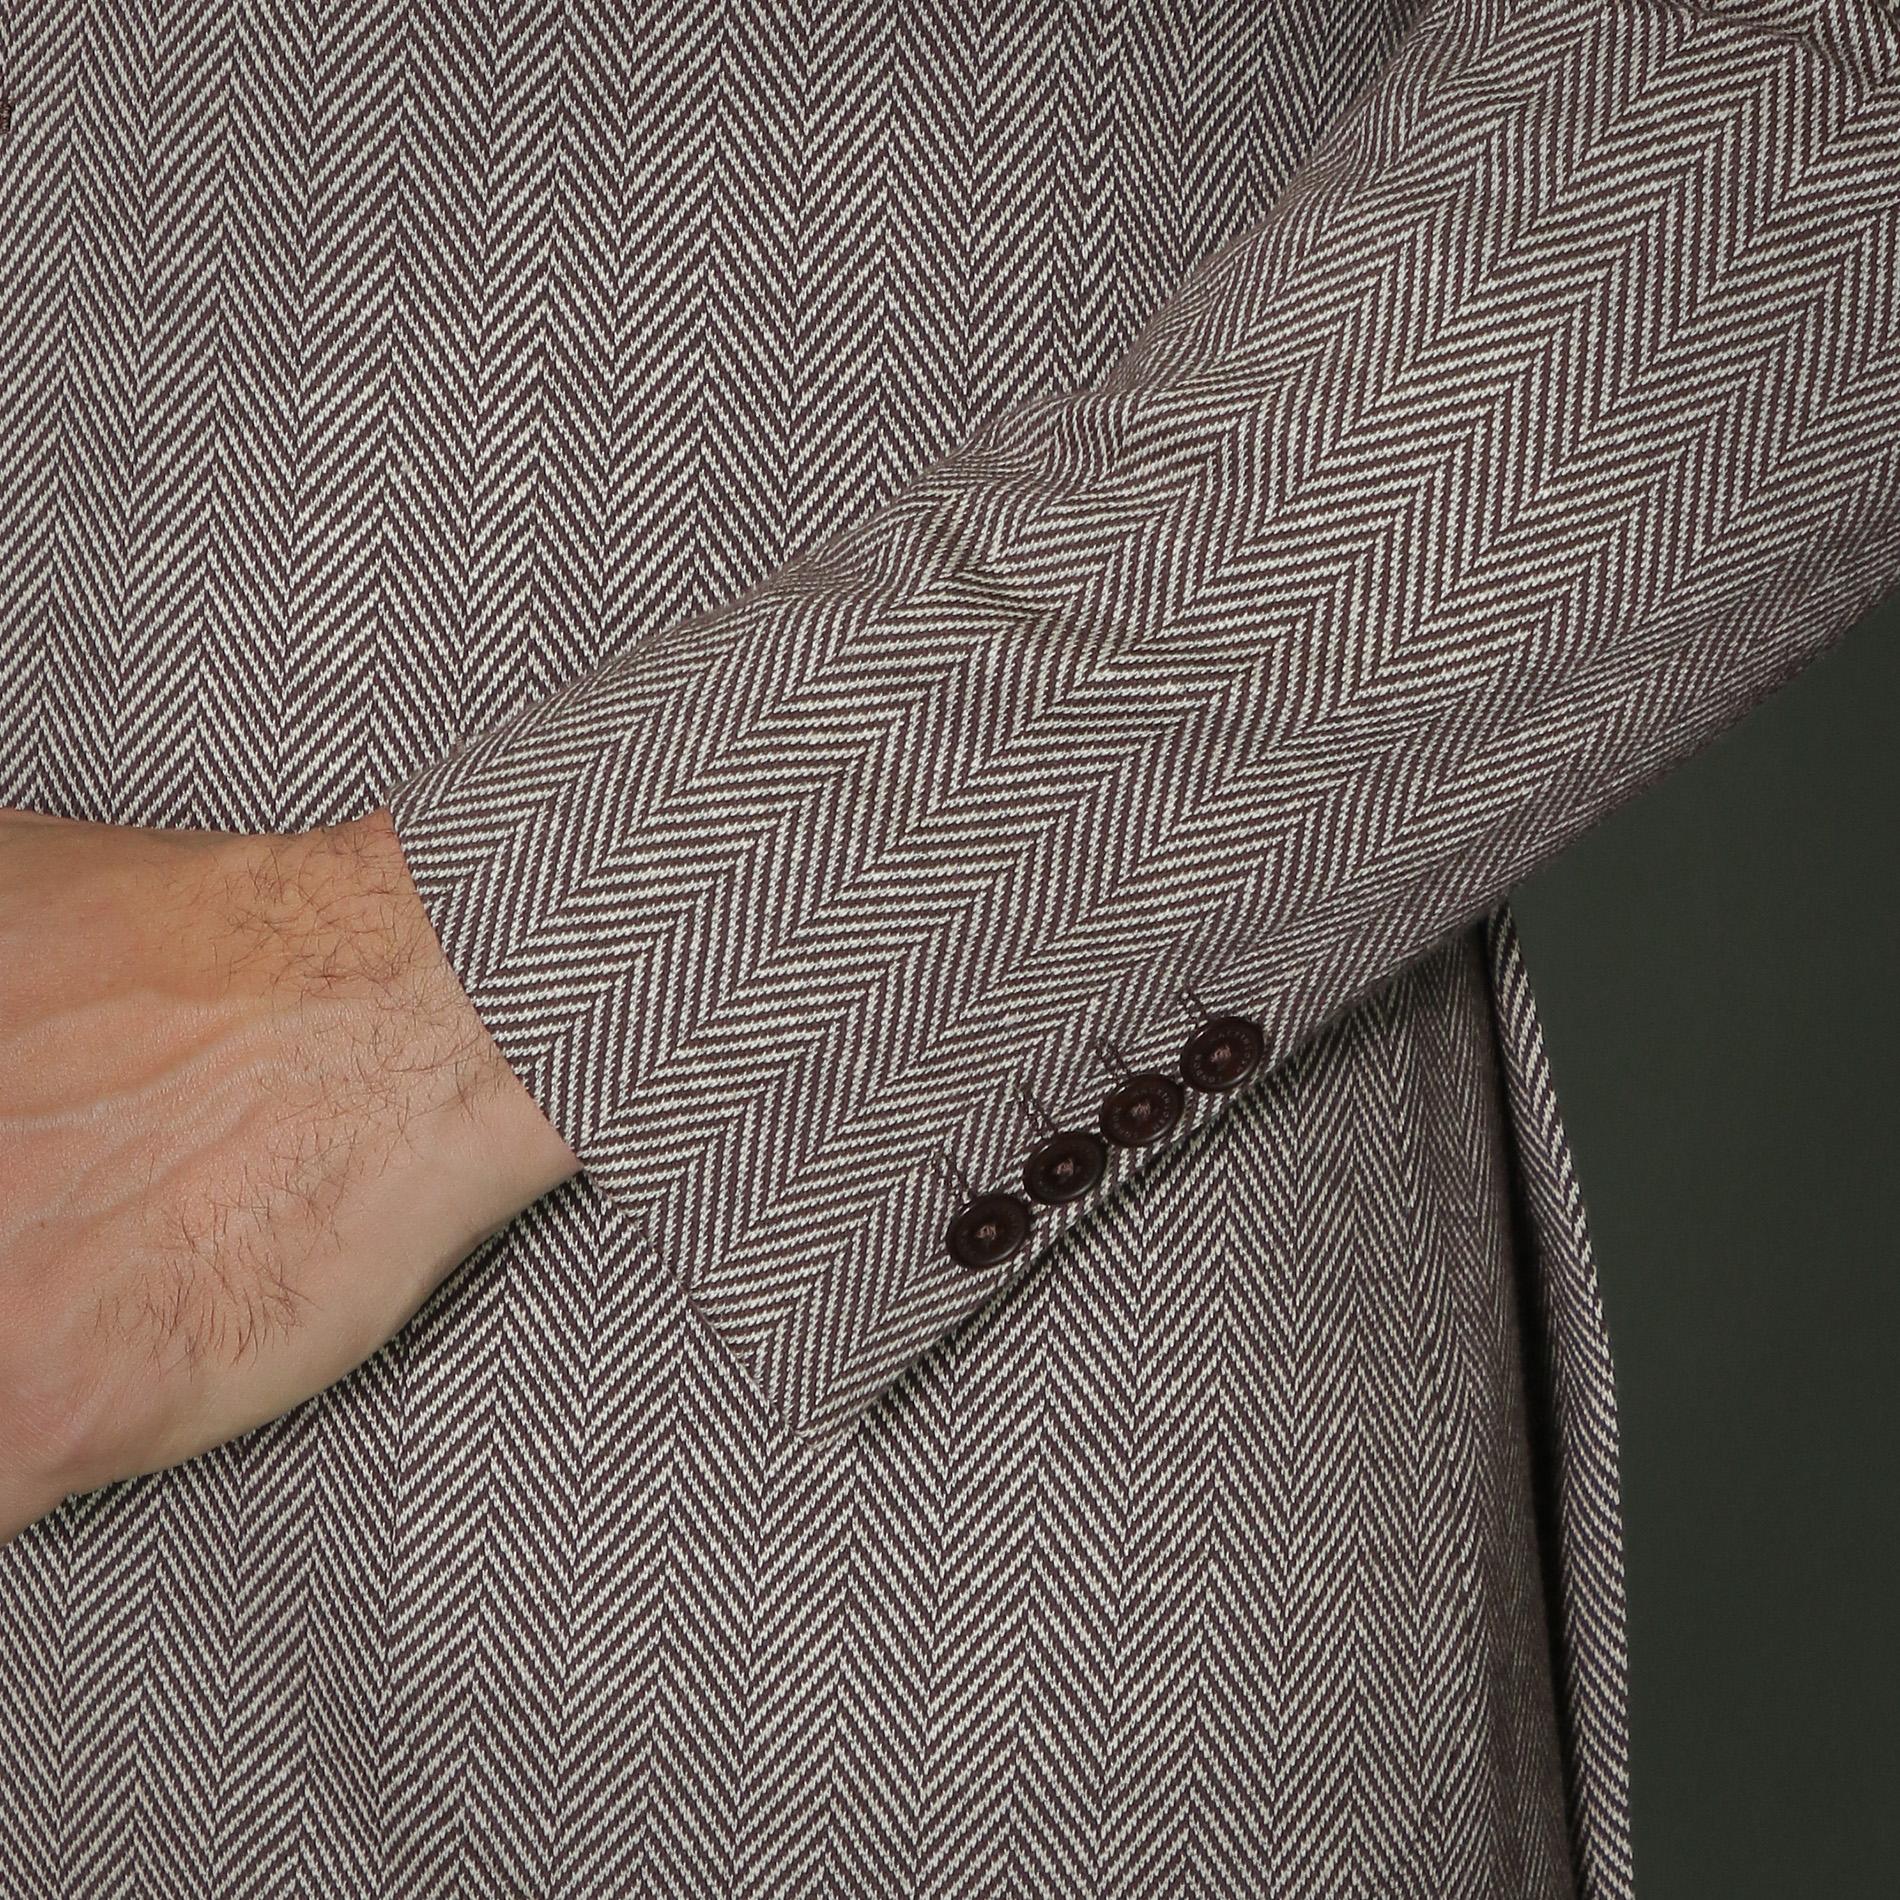 【FLEX JERSEY】ヘリンボーンツイードジャージジャケット